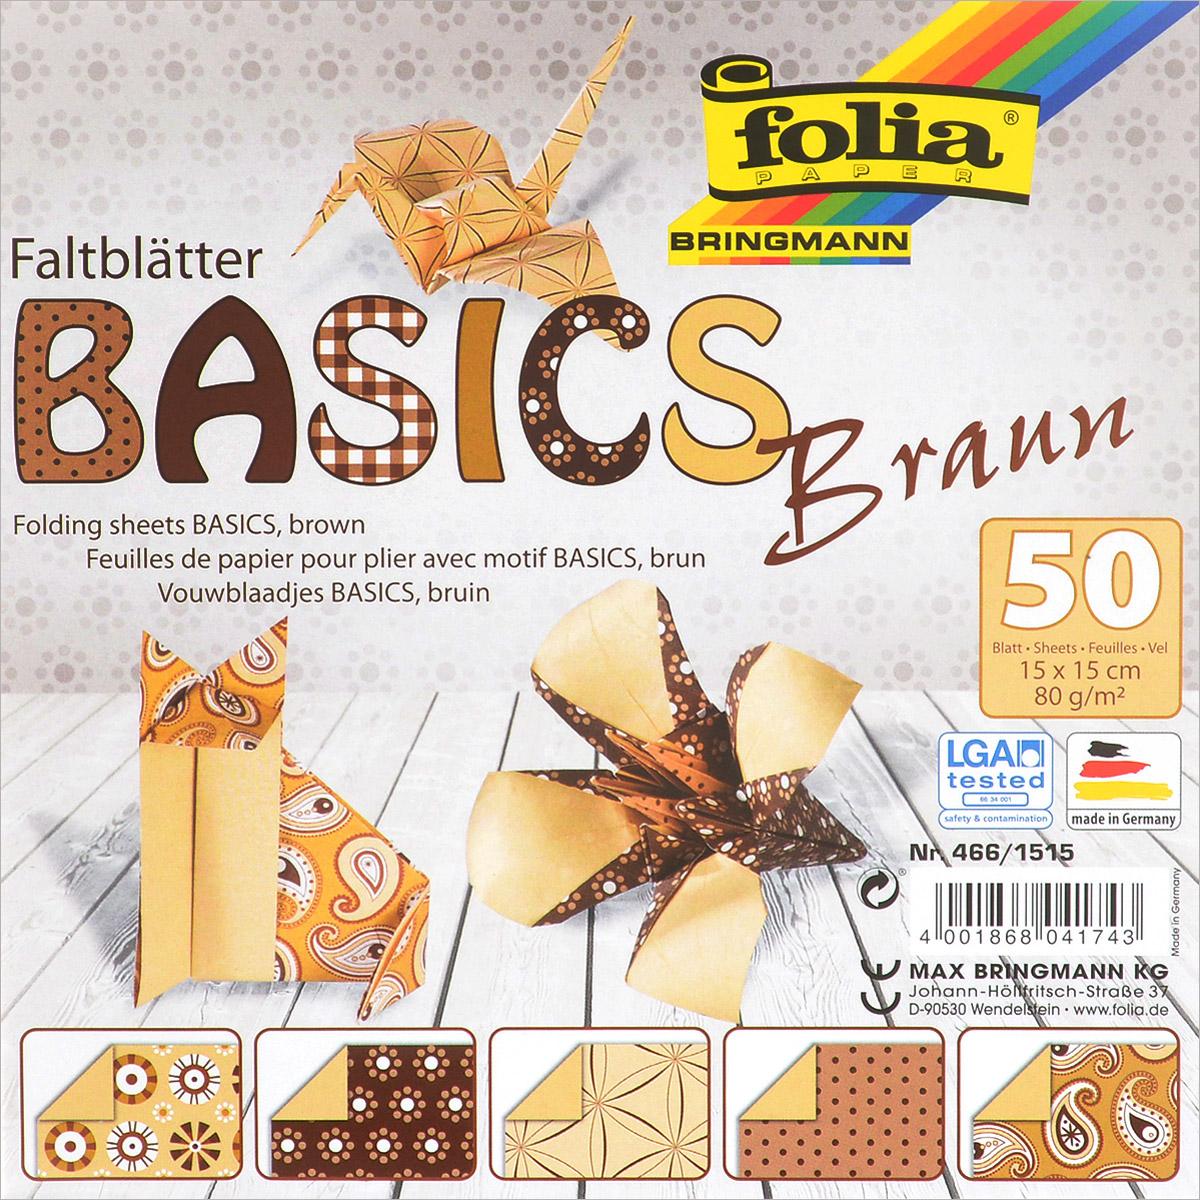 Бумага для оригами Folia, цвет: коричневый, 15 см х 15 см, 50 листов7708020Набор специальной цветной двусторонней бумаги для оригами Folia содержит 50 листов разных цветов, которые помогут вам и вашему ребенку сделать яркие и разнообразные фигурки. В набор входит бумага пяти разных дизайнов. С одной стороны - бумага однотонная, с другой - оформлена оригинальными узорами и орнаментами. Эти листы можно использовать для оригами, украшения для садового подсвечника или для создания новогодних звезд. При многоразовом сгибании листа на бумаге не появляются трещины, так как она обладает очень высоким качеством. Бумага хорошо комбинируется с цветным картоном. За свою многовековую историю оригами прошло путь от храмовых обрядов до искусства, дарящего радость и красоту миллионам людей во всем мире. Складывание и художественное оформление фигурок оригами интересно заполнят свободное время, доставят огромное удовольствие, радость и взрослым и детям. Увлекательные занятия оригами развивают мелкую моторику рук, воображение,...